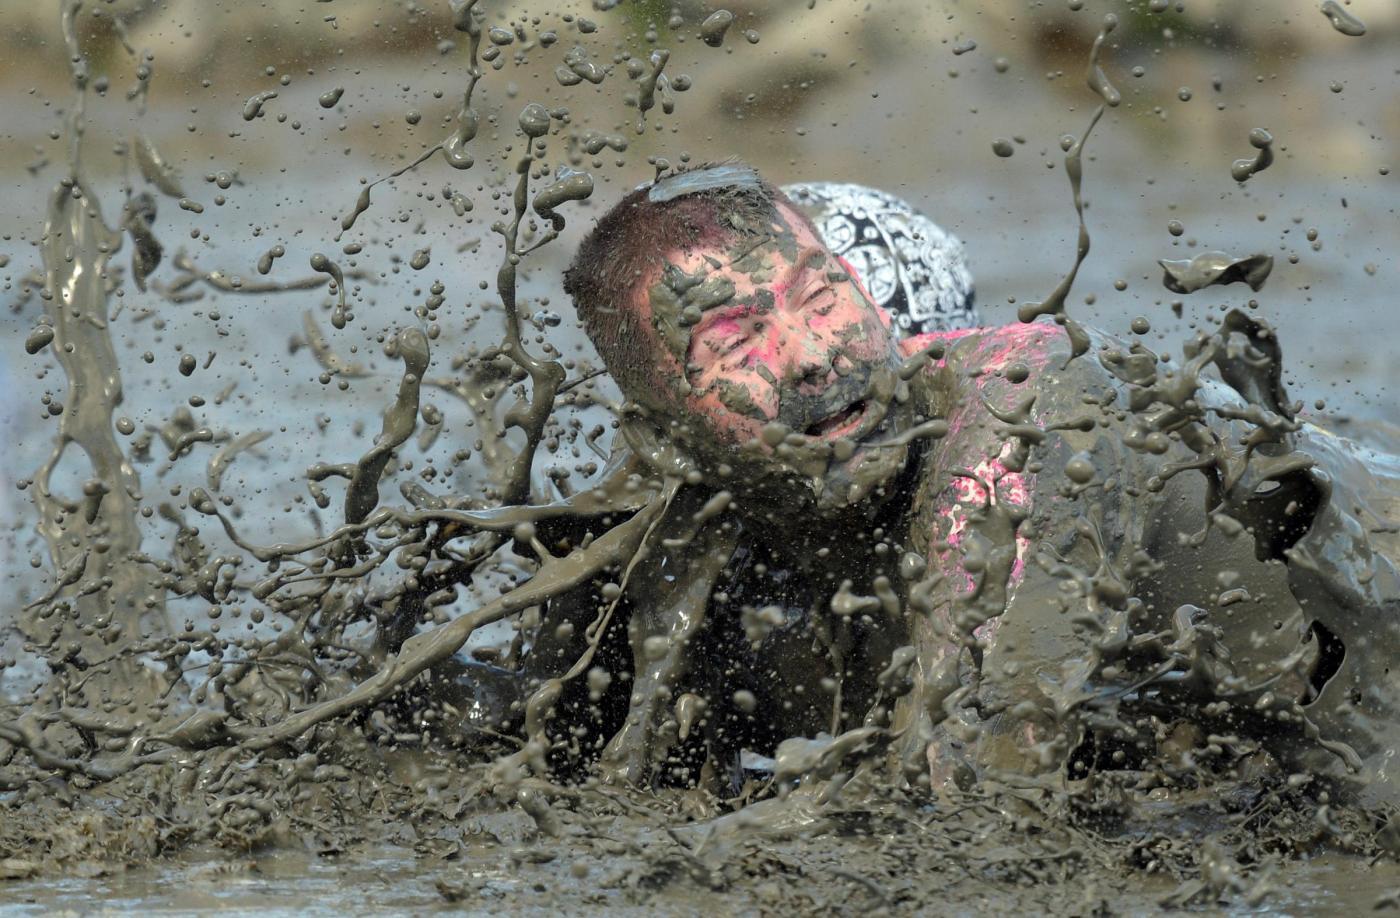 человек упал в грязь картинки грозные